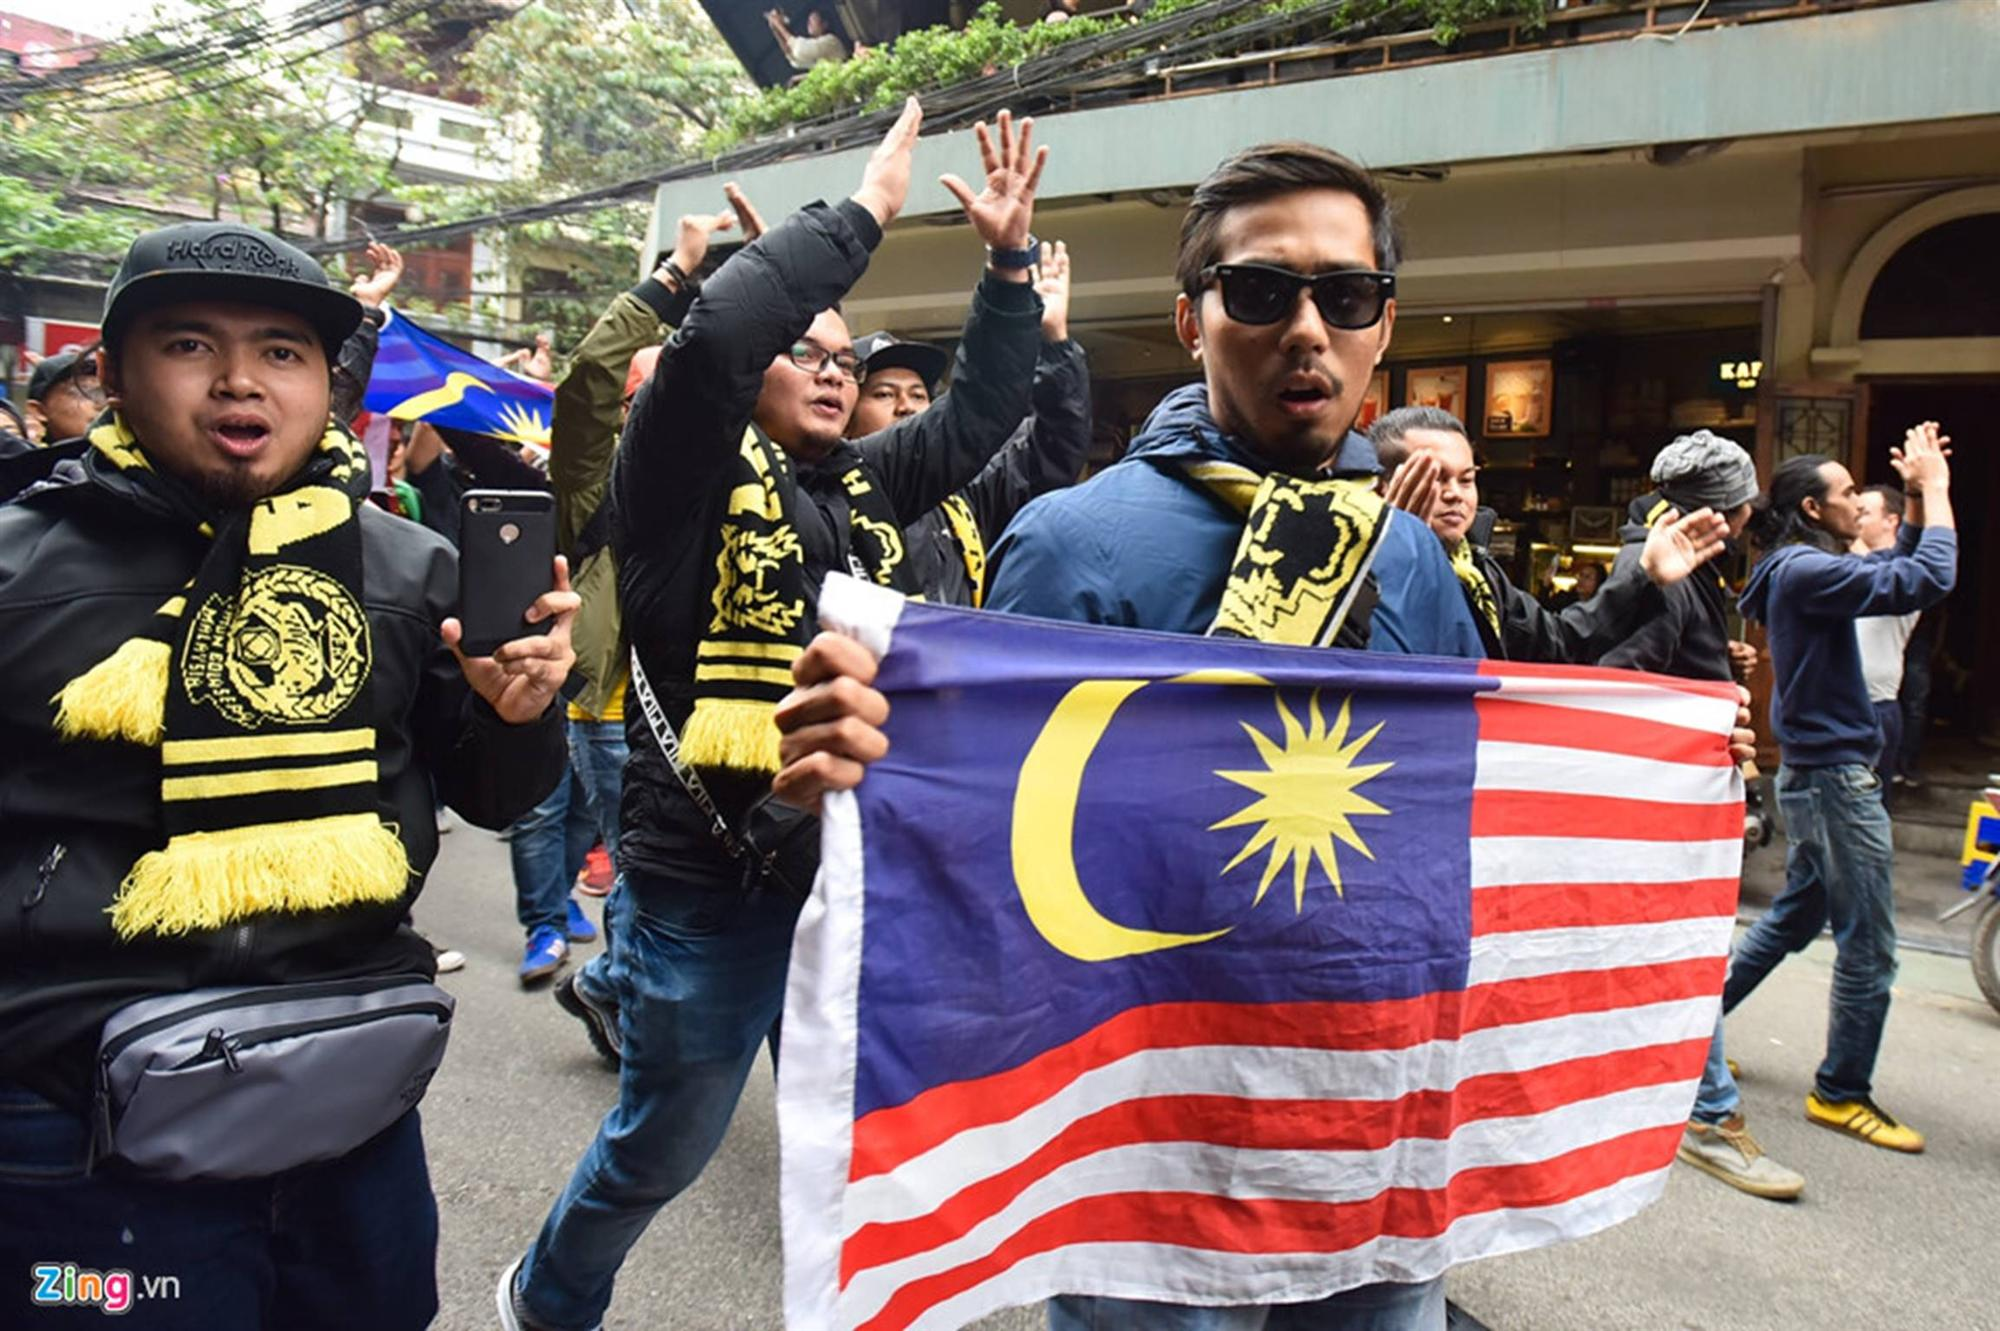 CĐV Malaysia náo loạn phố cổ Hà Nội trước trận chung kết-7